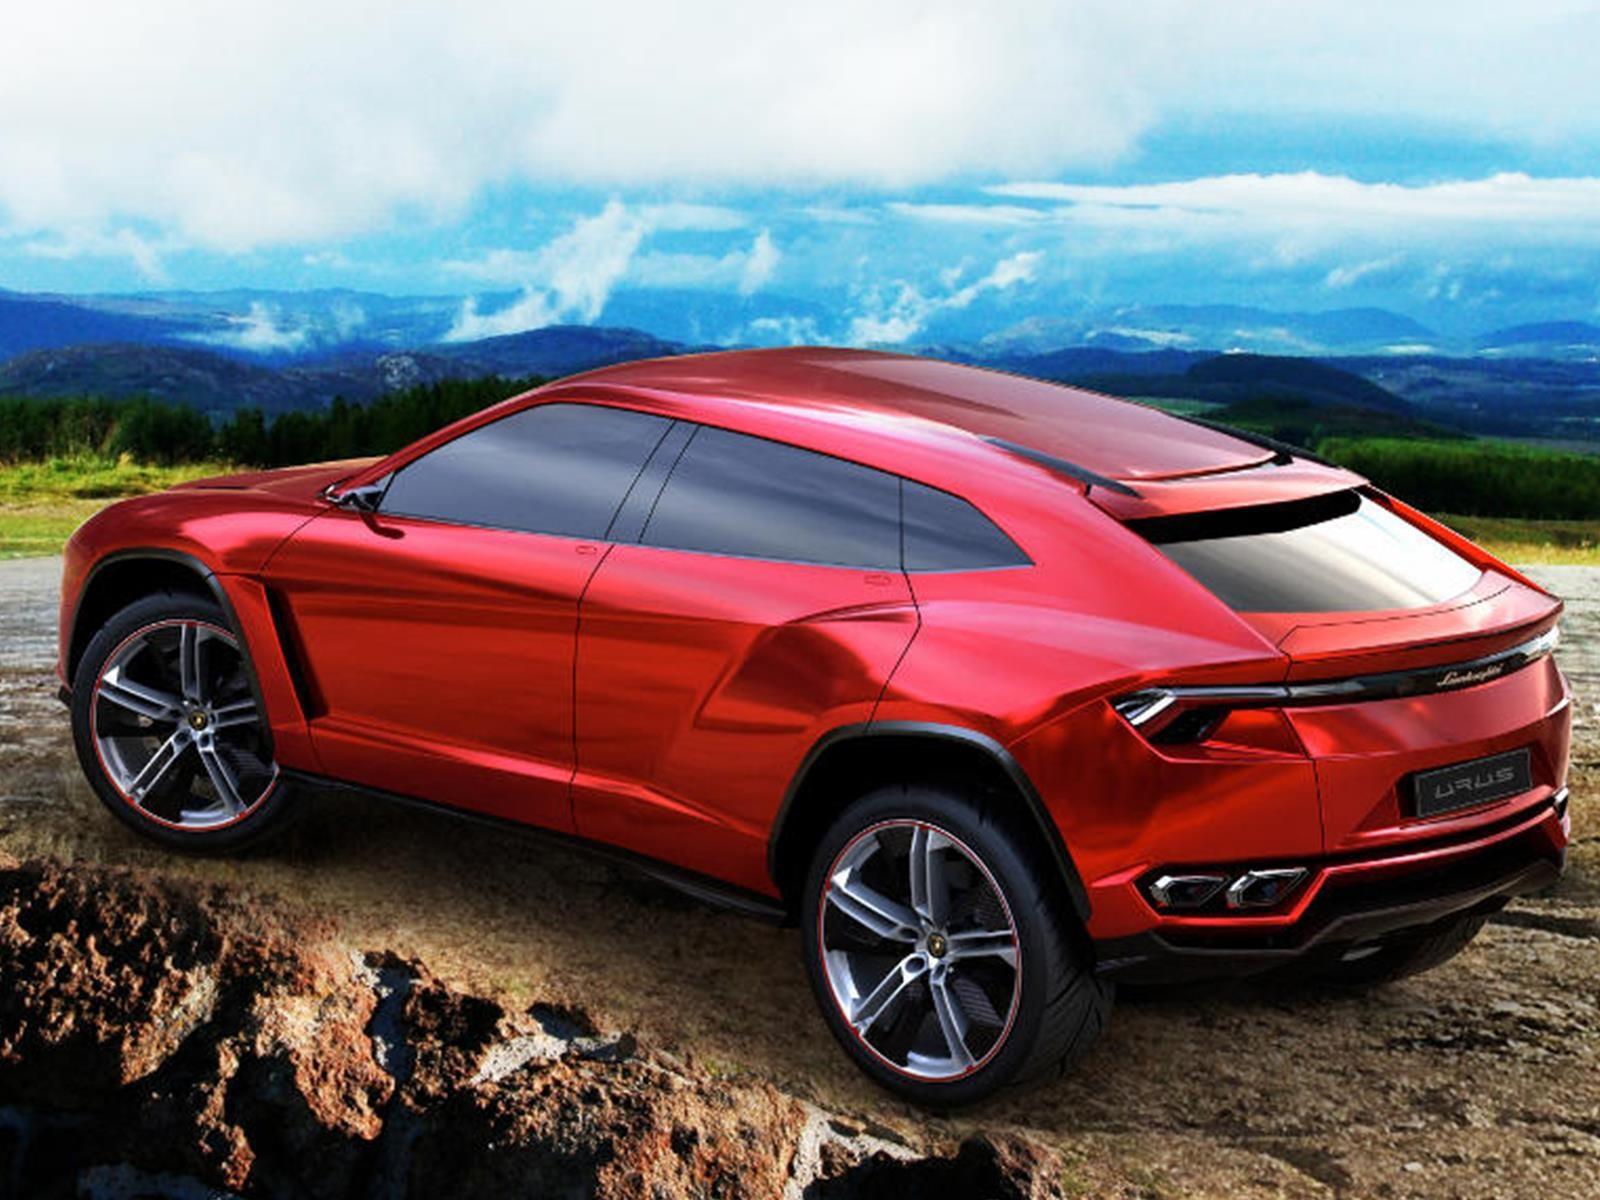 Nosotros no: Lamborghini dice que no hará autos autónomos